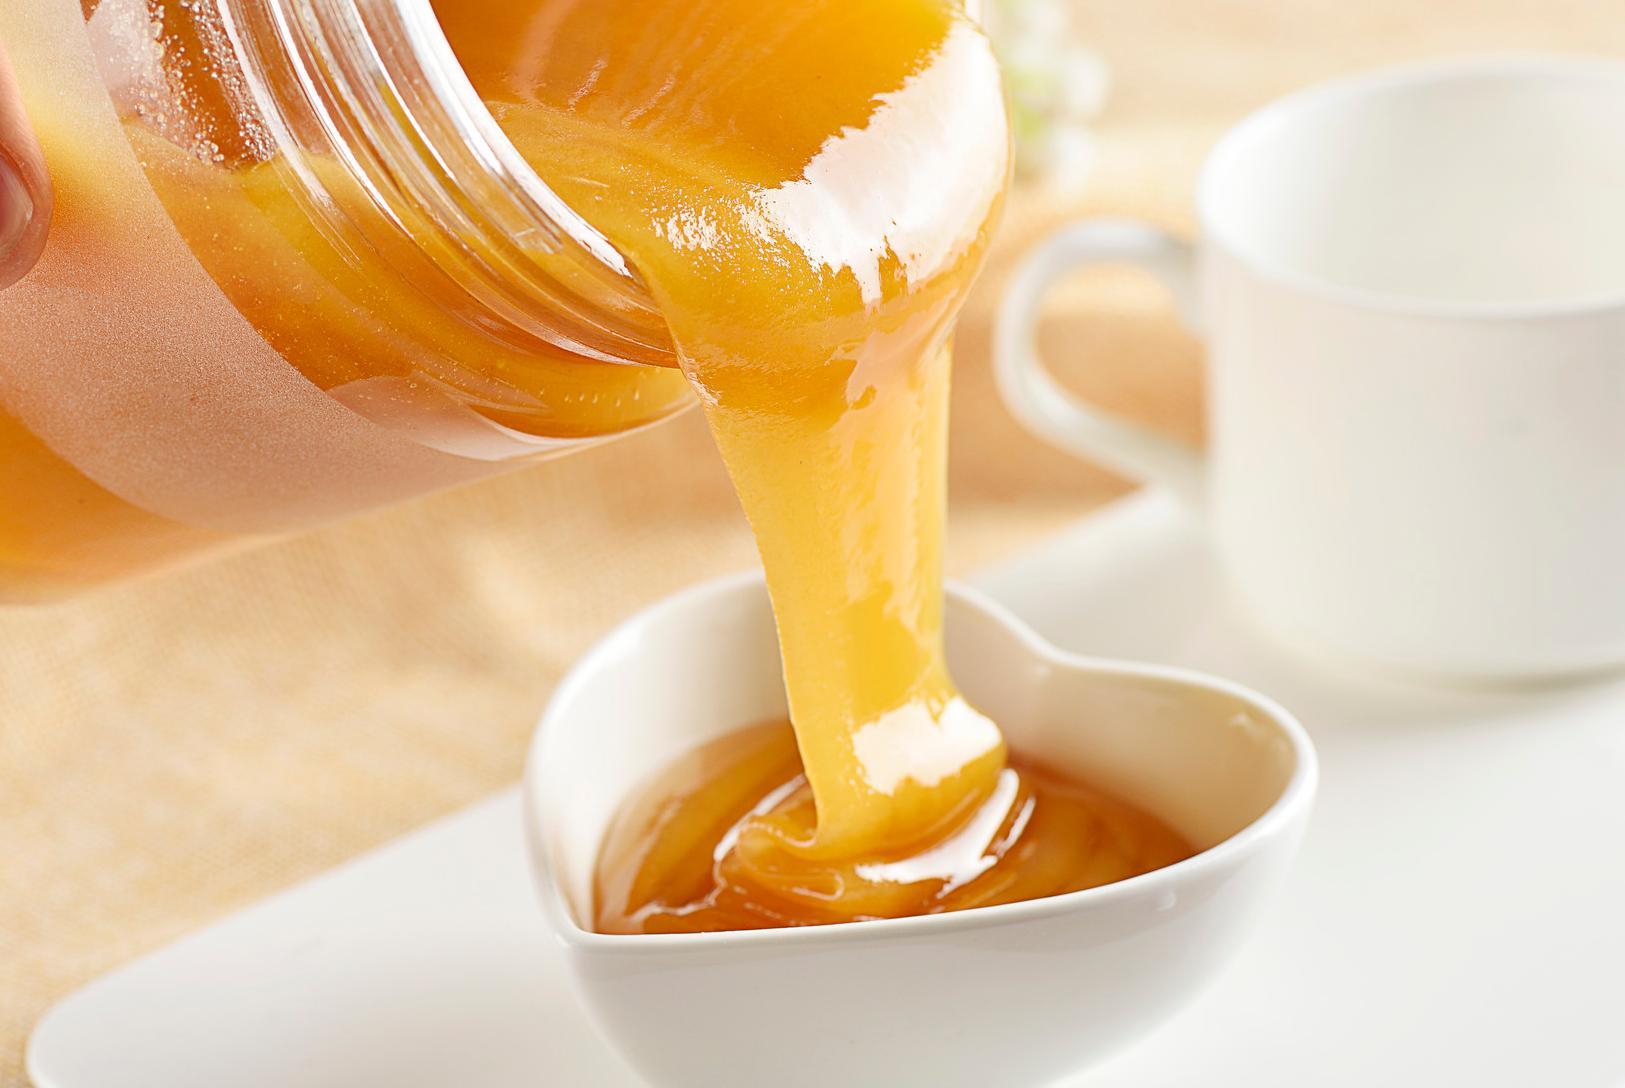 市面上的蜂蜜和纯蜂蜜喝起来有什么区别(蜂蜜制品和真正纯蜂蜜的区别)